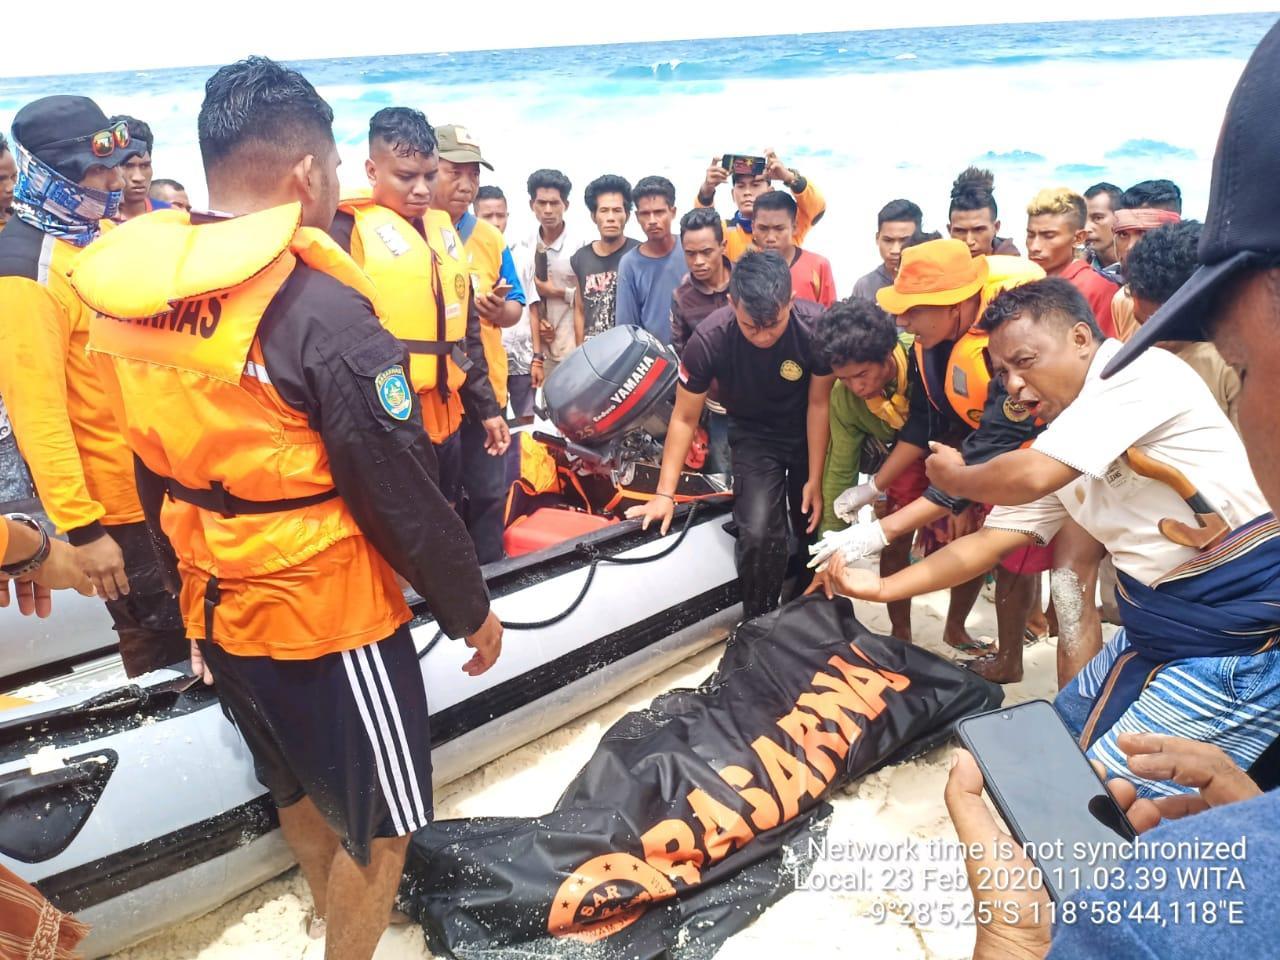 Nelayan di Sumba Barat Daya Ditemukan Tewas